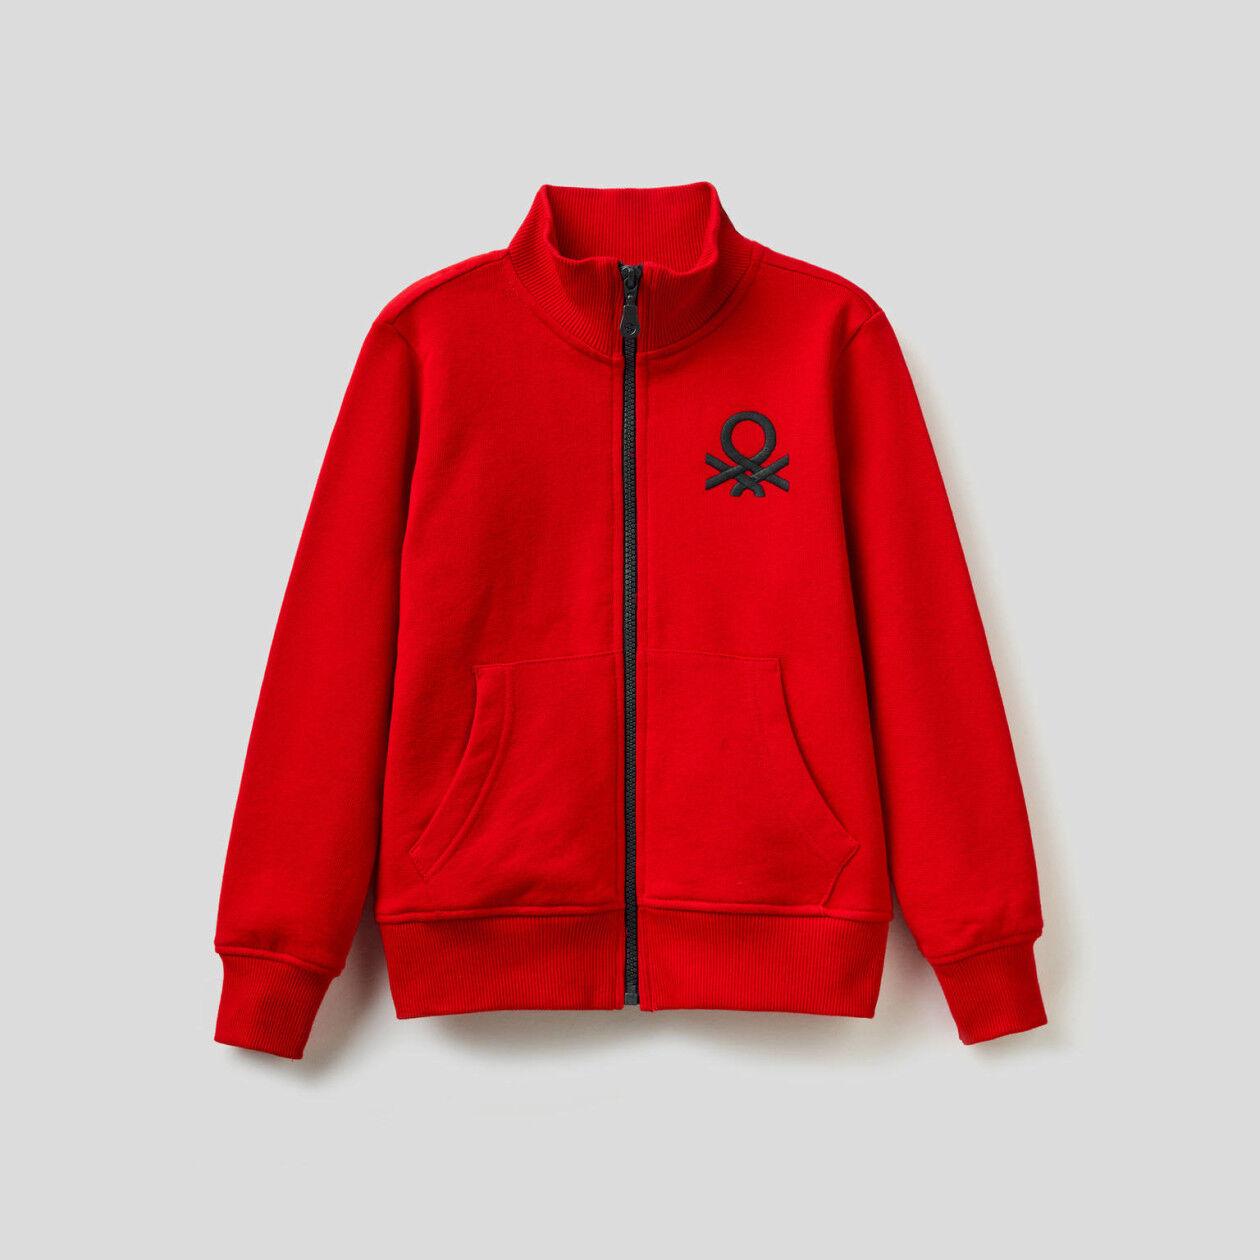 Sweatshirt with zip and maxi logo